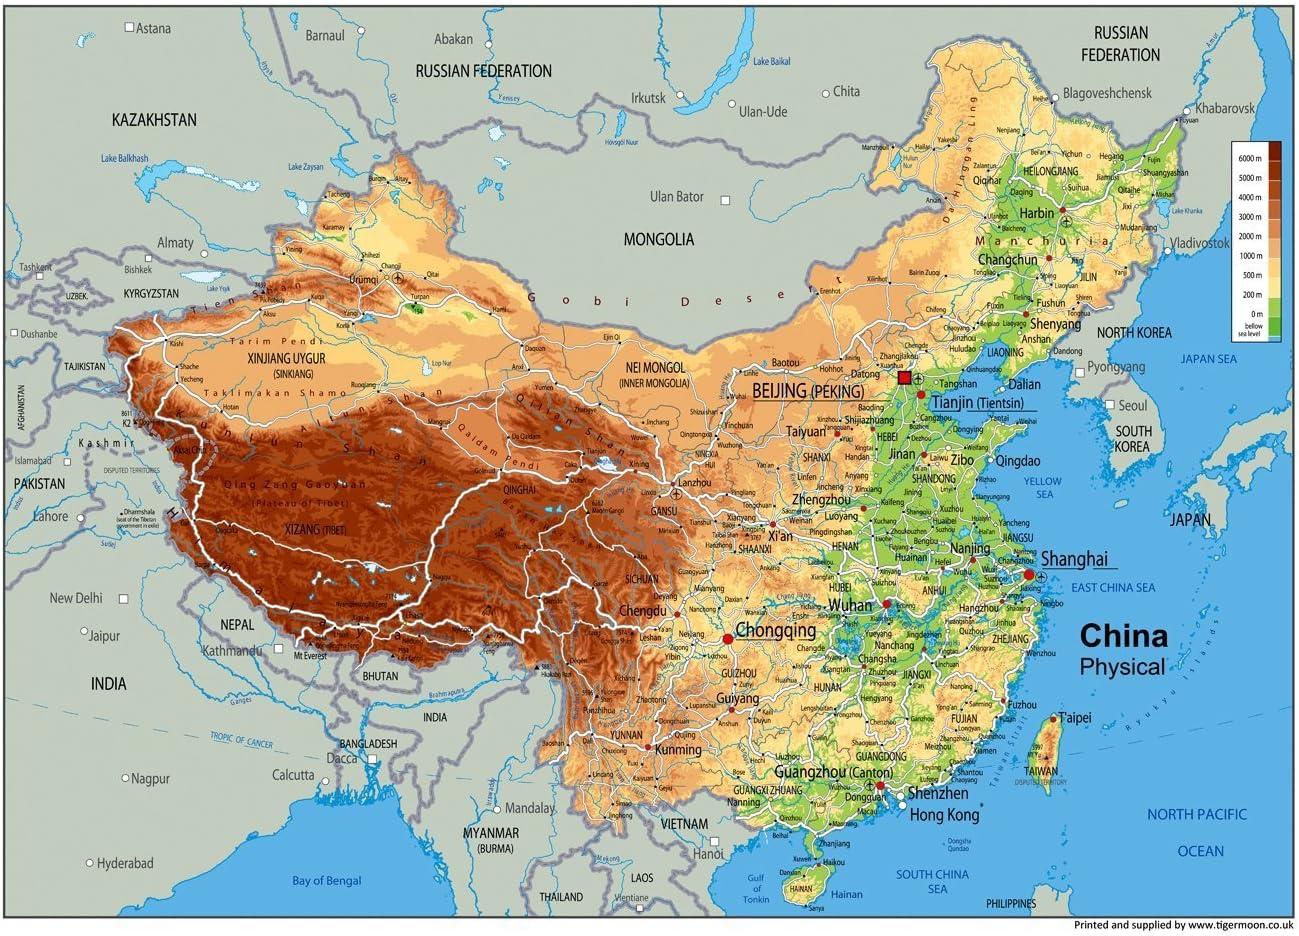 La Cina Cartina Politica.Cina Mappa Fisica Carta Plastificata A1 Misura 59 4 X 84 1 Cm Amazon It Cancelleria E Prodotti Per Ufficio